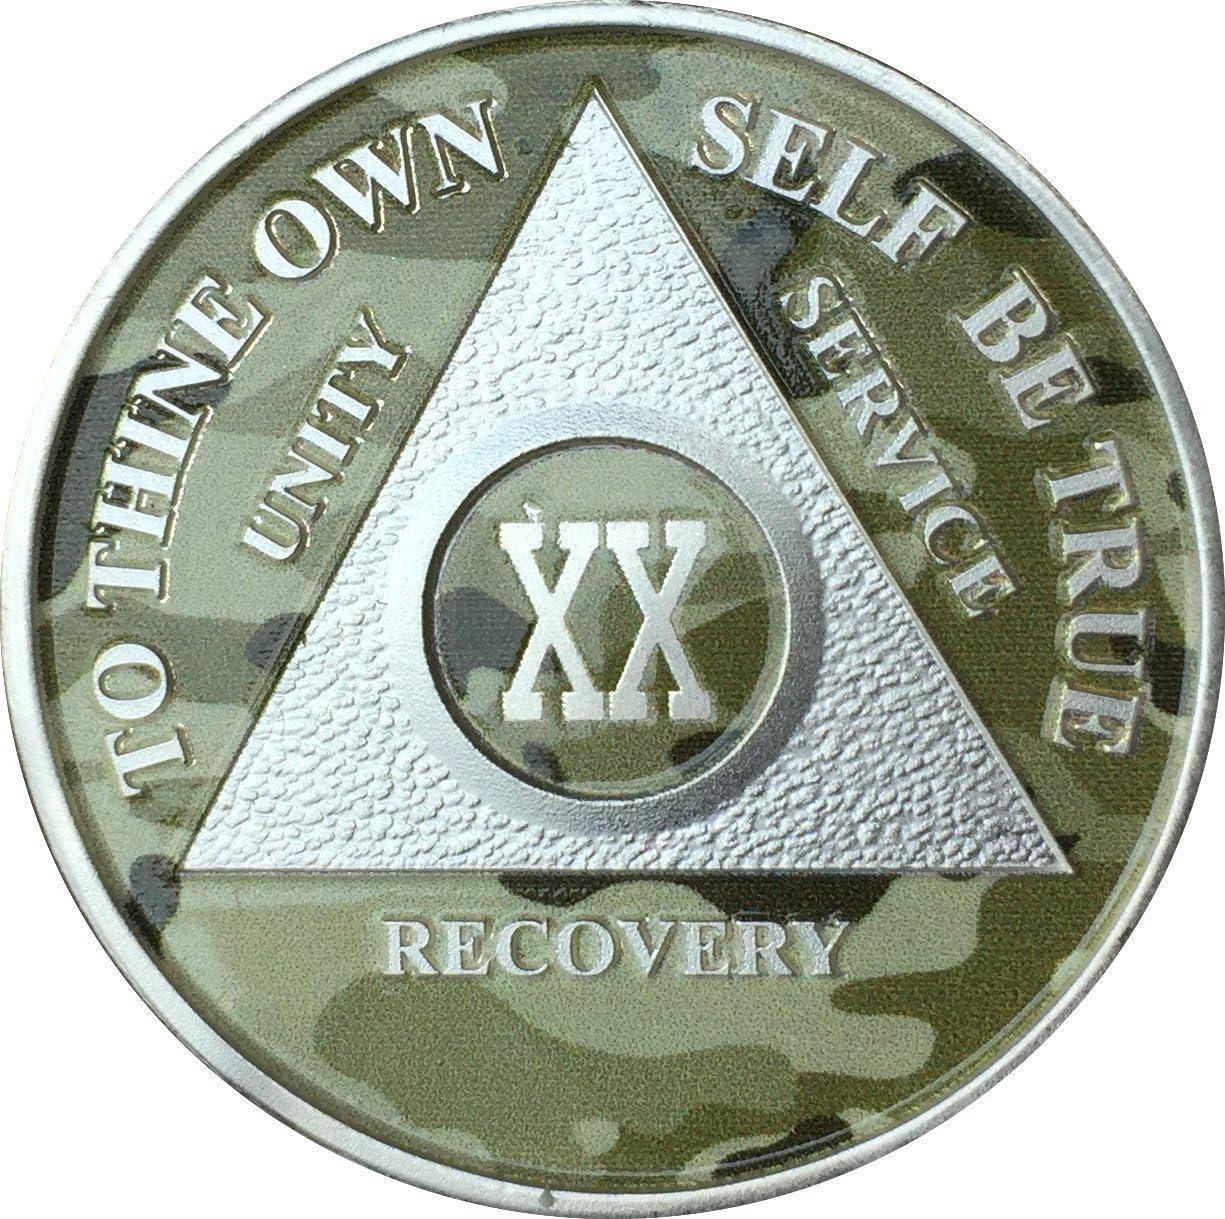 20 Año AA medallón chapado en plata de camuflaje camuflaje ...